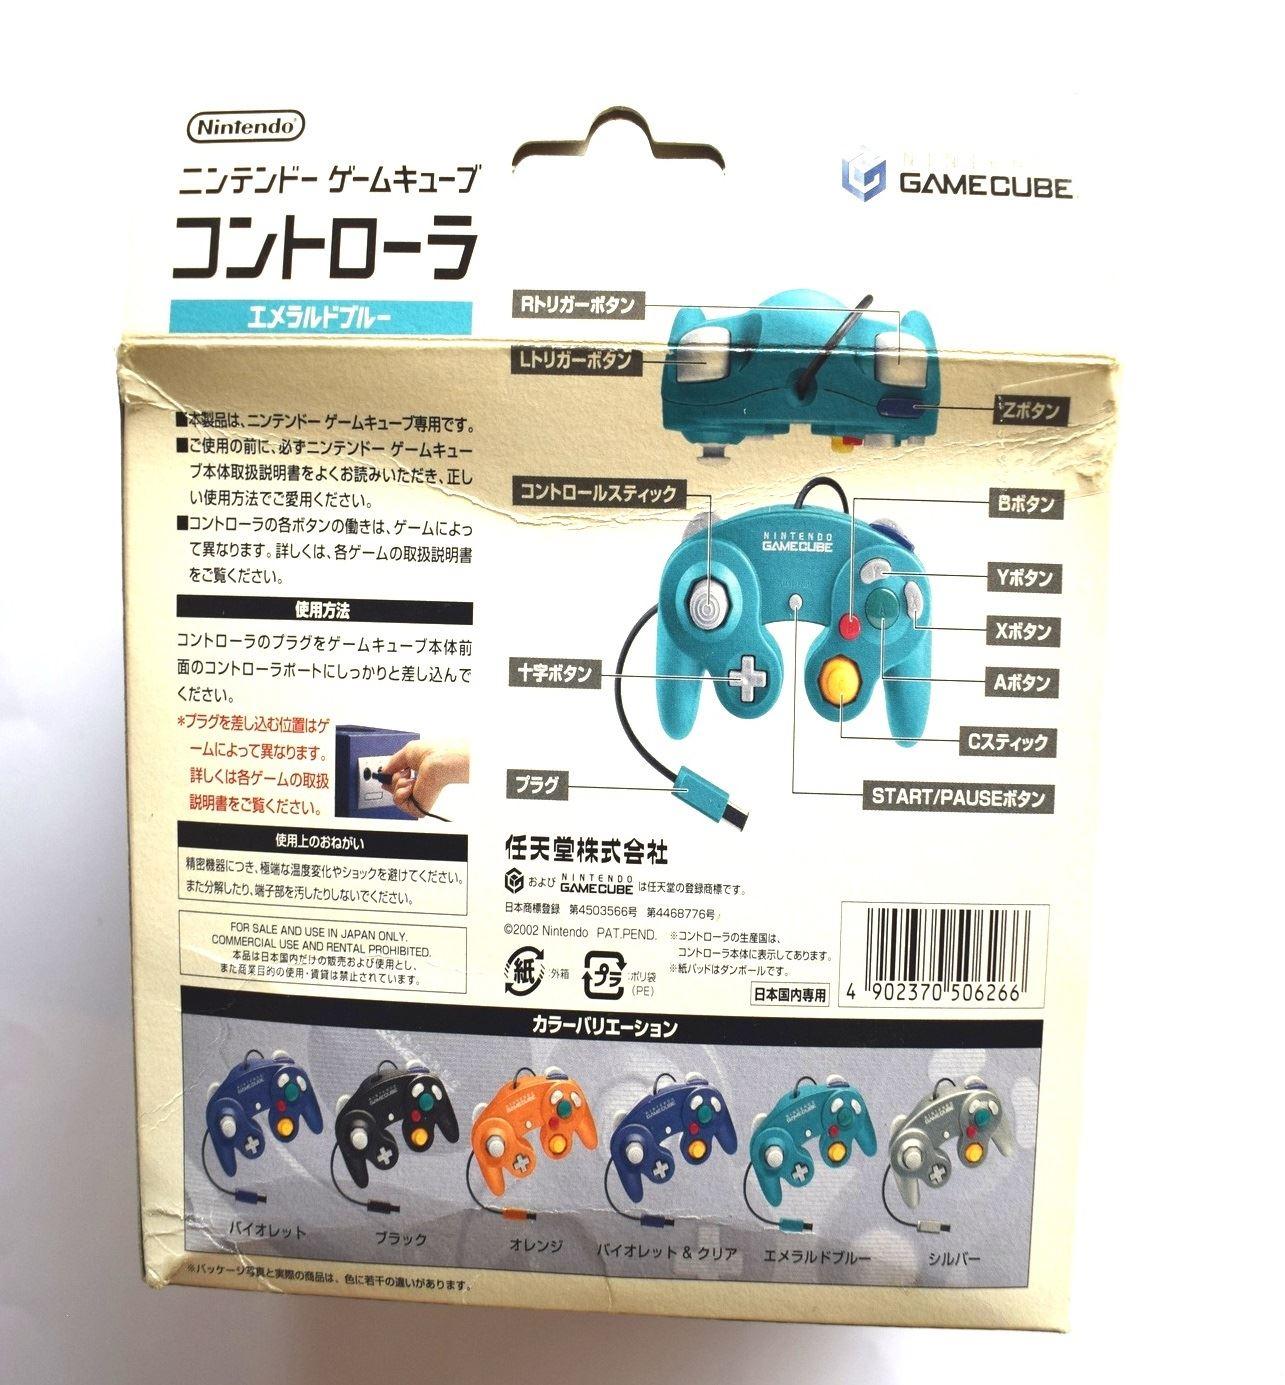 Nintendo-Gamecube-Ufficiale-Originale-Controller-Vari-Colori-Disponibile thumbnail 24